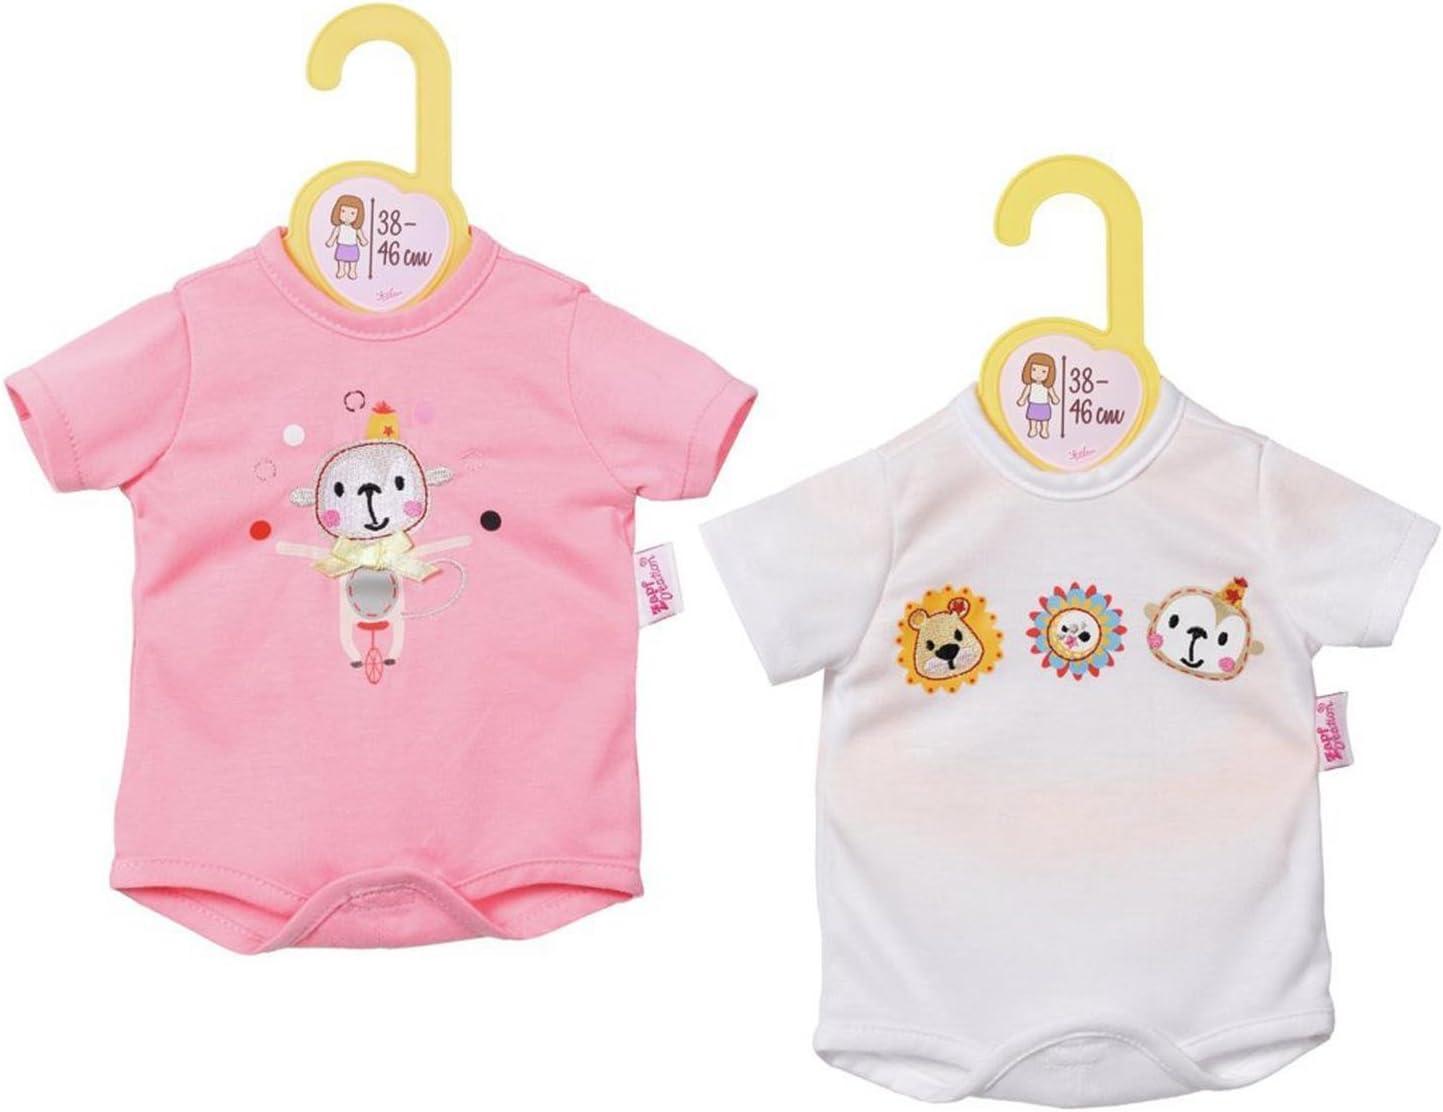 Amazon.es: Dolly Moda Body 38-46cm Doll bodysuit - accesorios para muñecas (Doll bodysuit, 3 año(s), Rosa, Color blanco, Chica, 1 pieza(s), 38 cm), color/modelo surtido: Juguetes y juegos